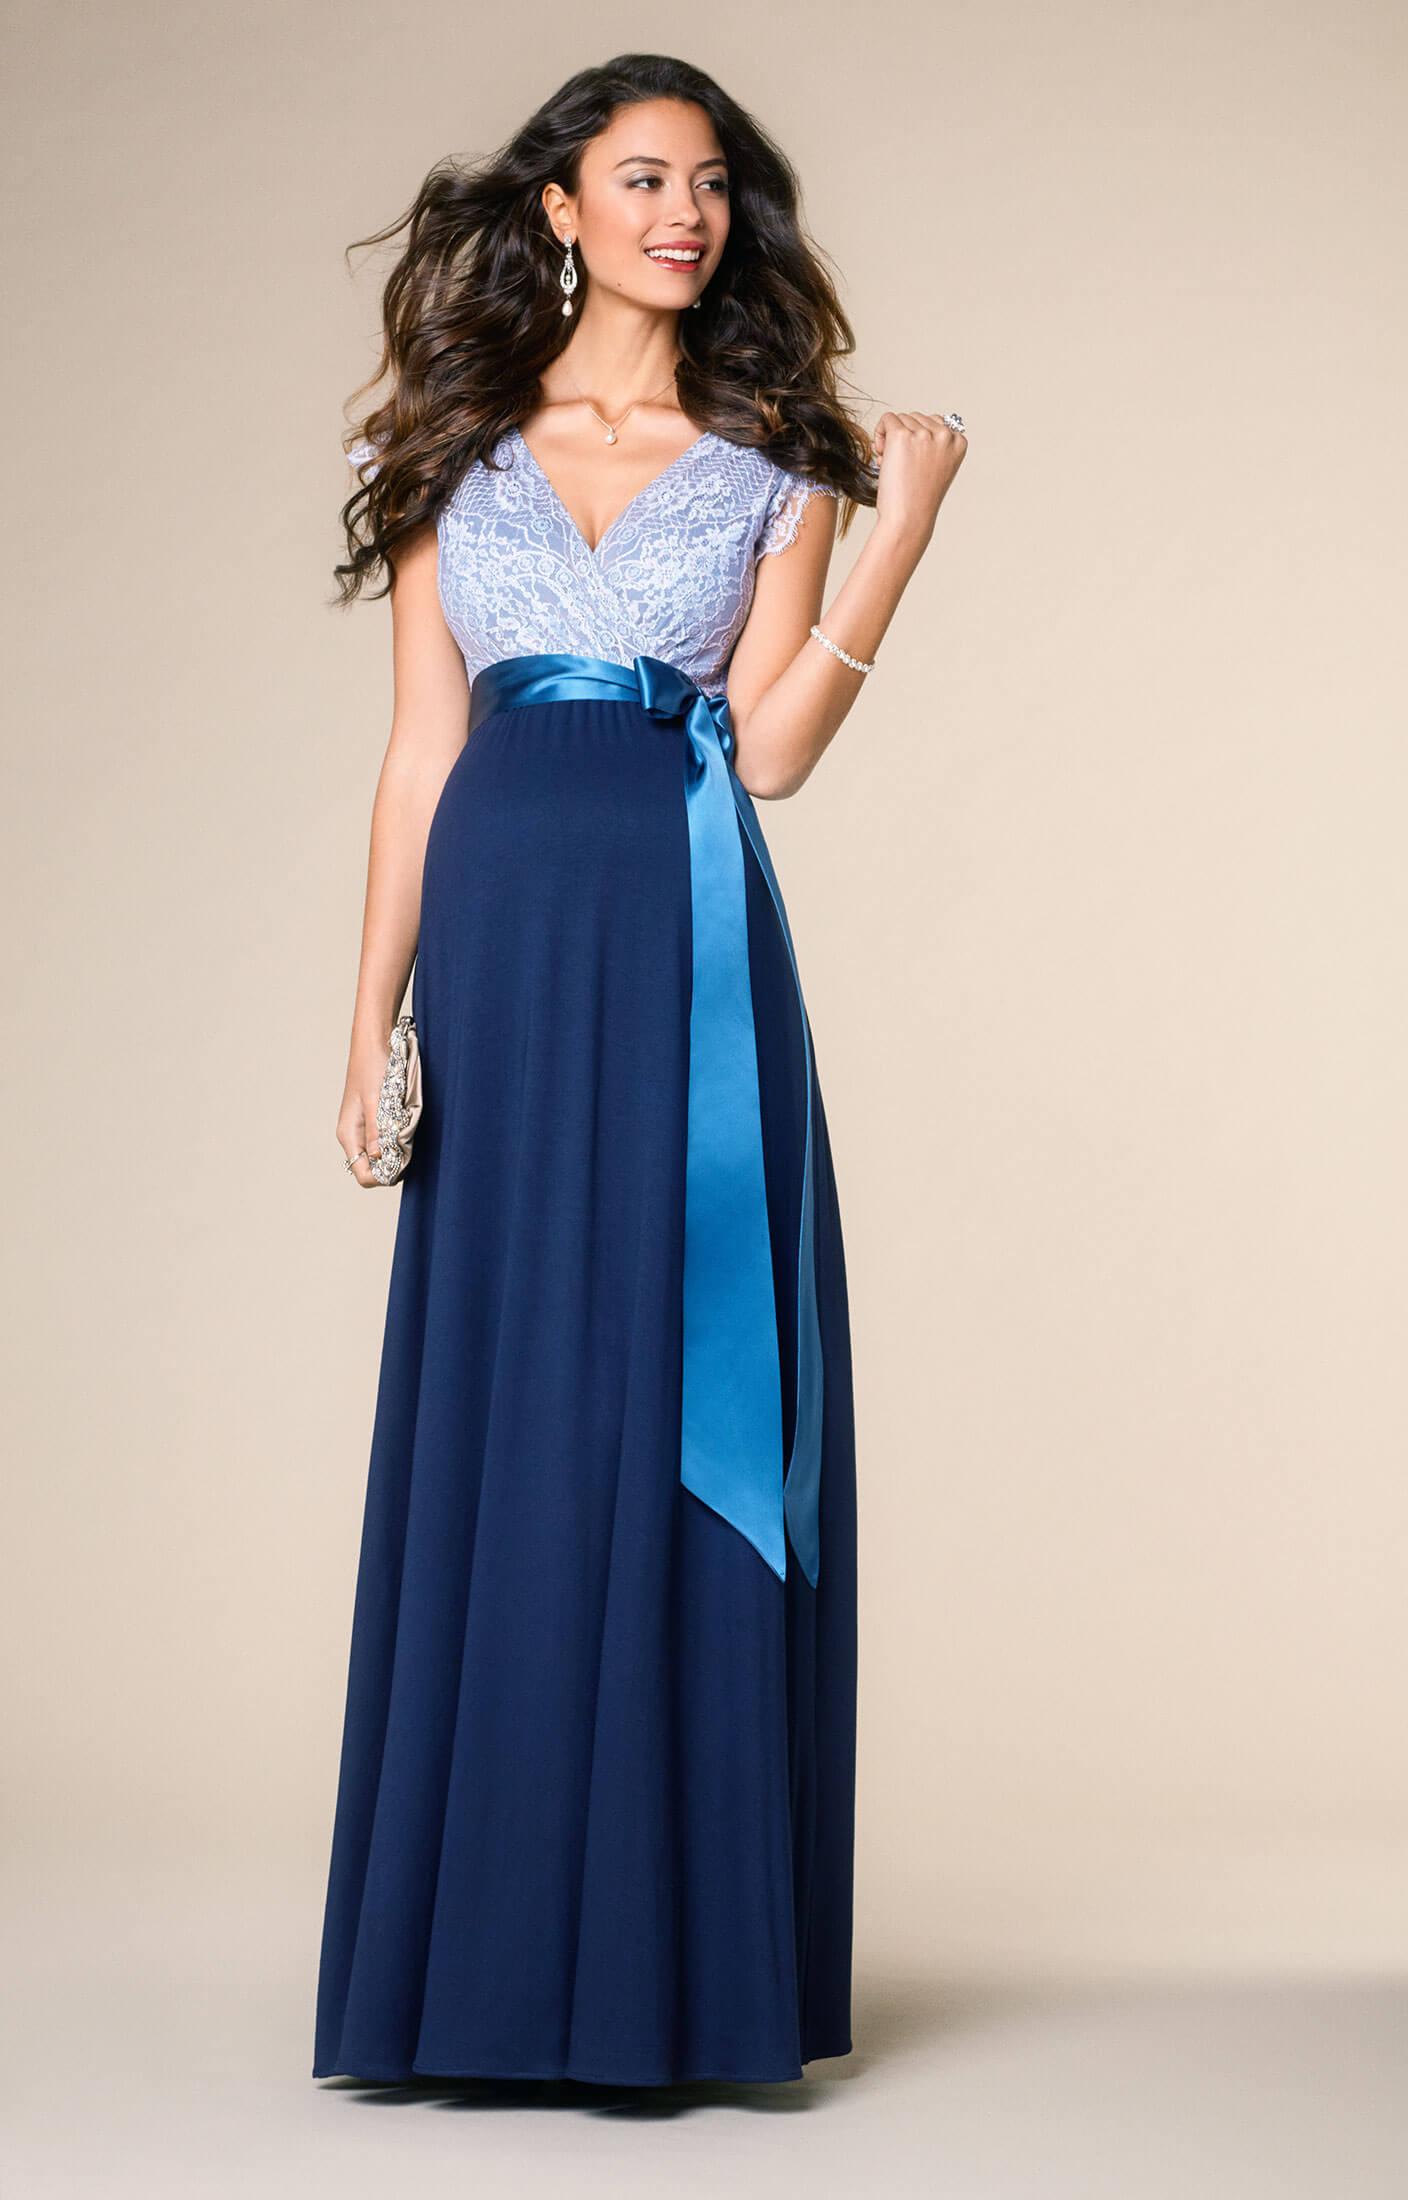 Abend Schön Abendkleid Umstandskleid Vertrieb17 Wunderbar Abendkleid Umstandskleid Design